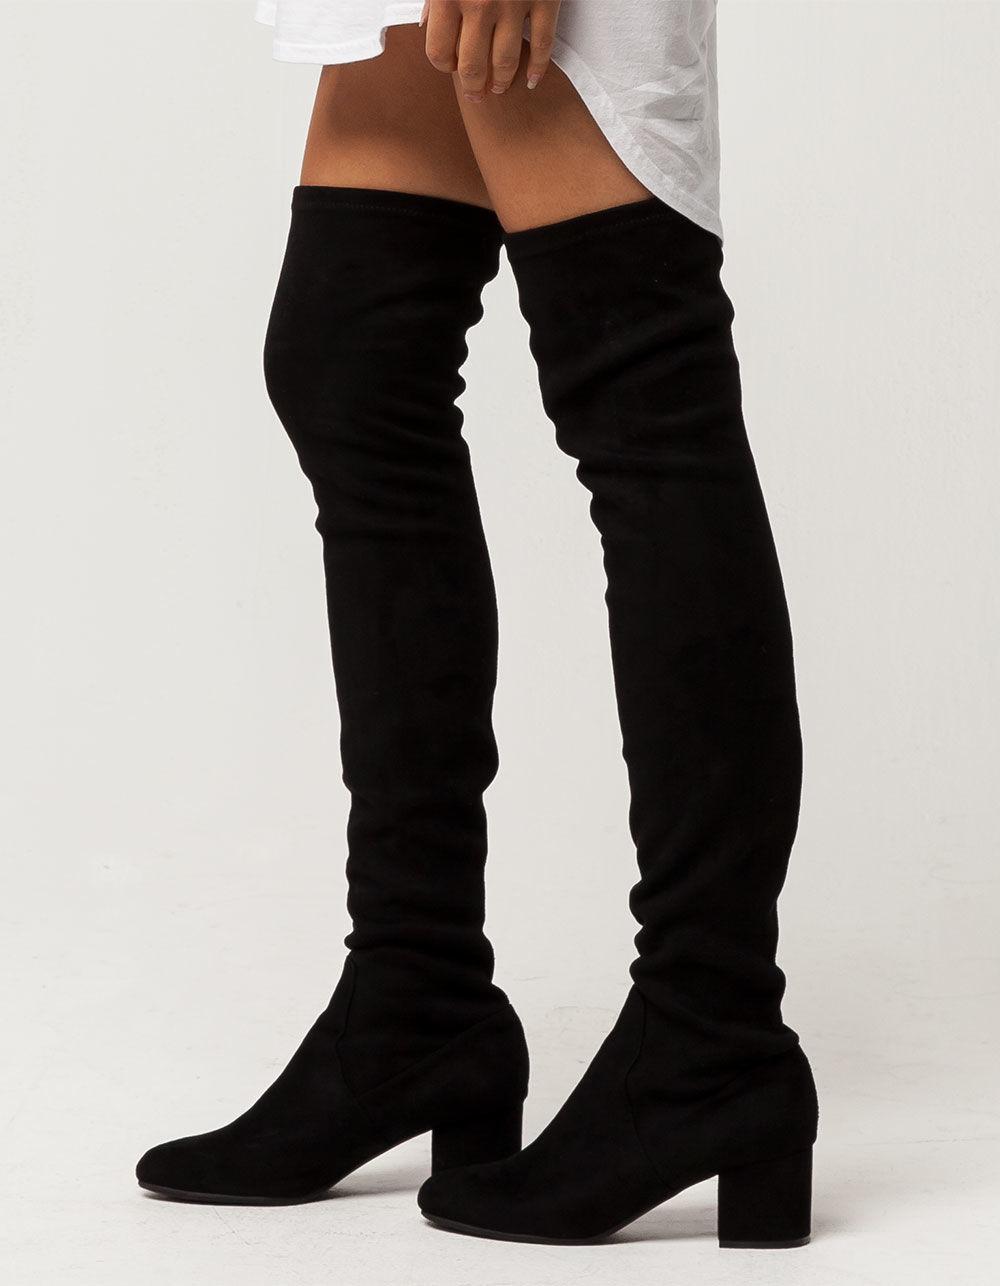 54bb28b3f7b Lyst - Steve Madden Isaac Womens Boots in Black